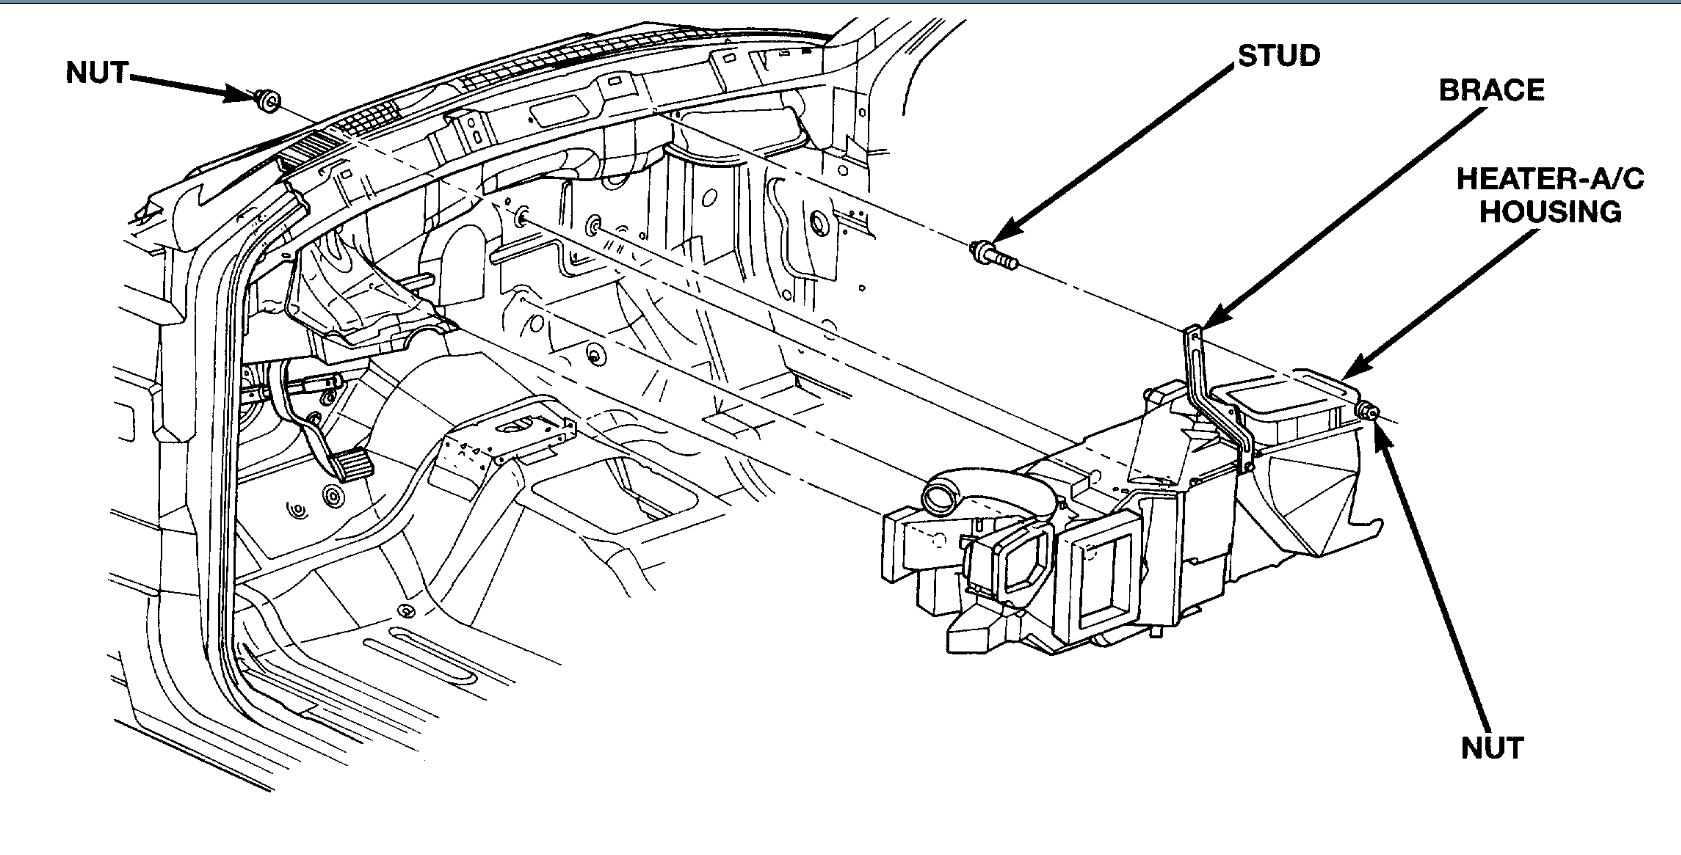 2000 durango blower wiring diagram how do i replace the blower fan motor   how do i replace the blower fan motor